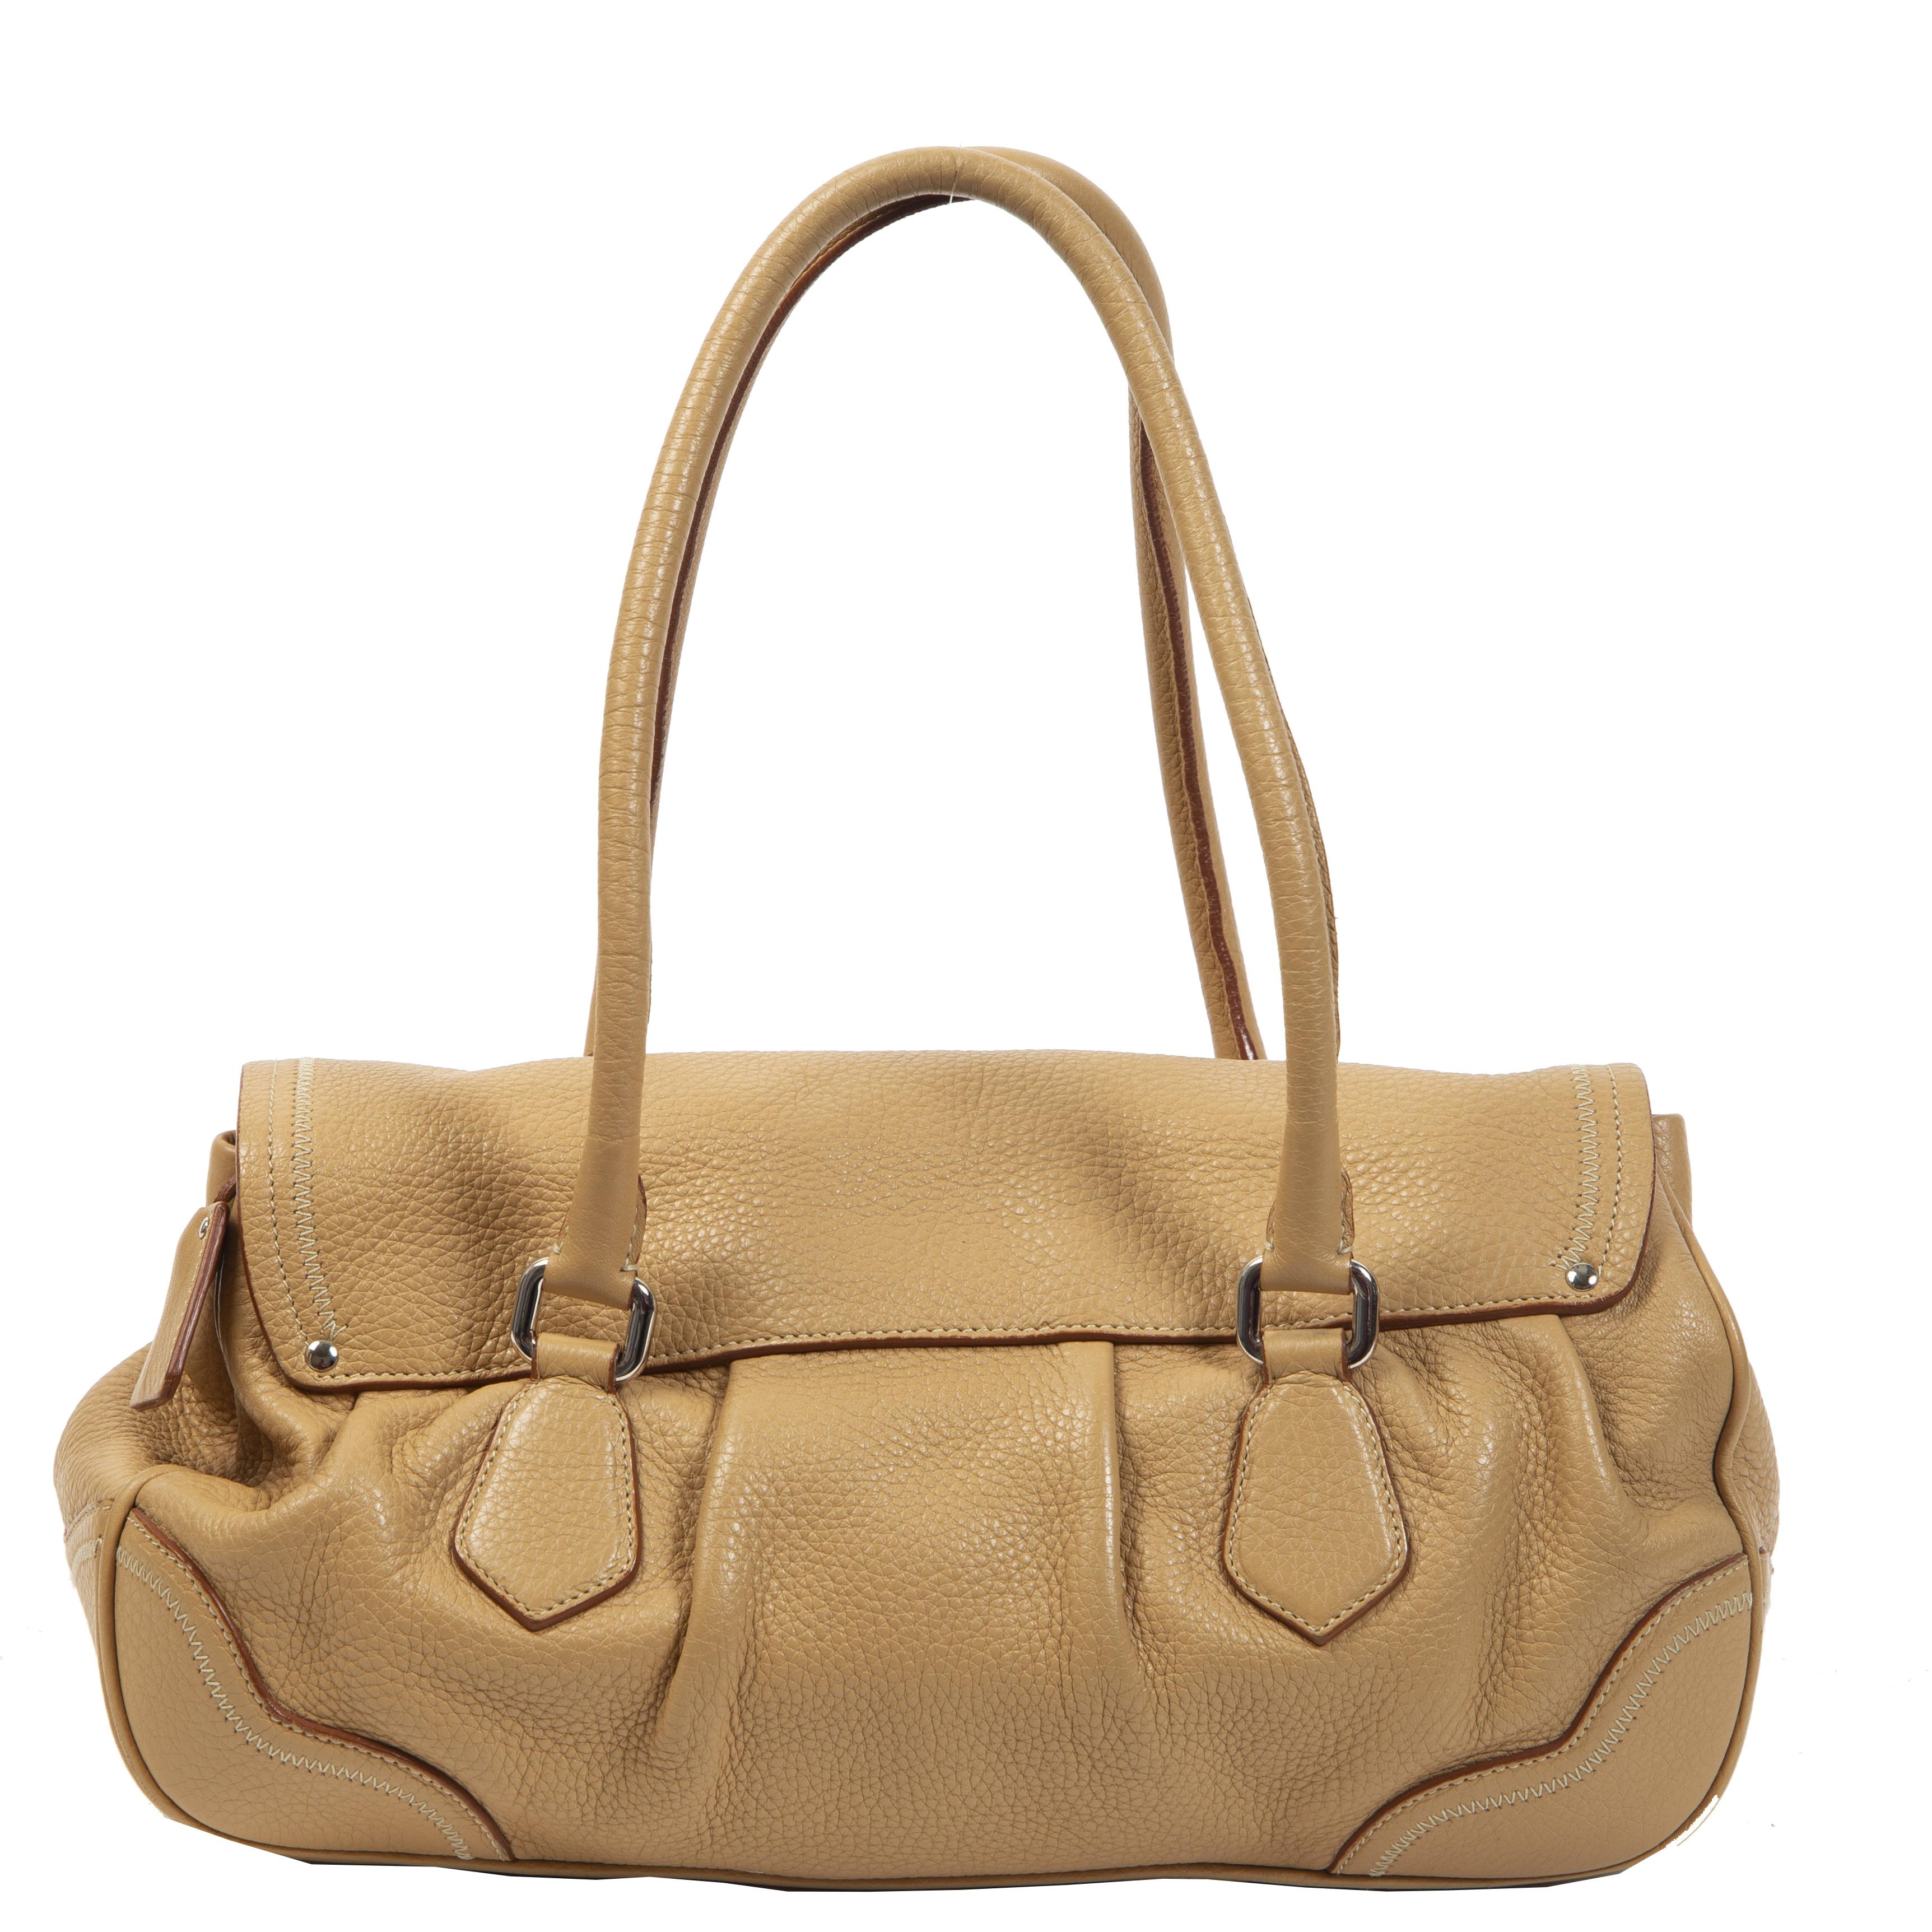 Authentieke Tweedehands Prada Leather Toffe Shoulder Bag juiste prijs veilig online shoppen luxe merken webshop winkelen Antwerpen België mode fashion